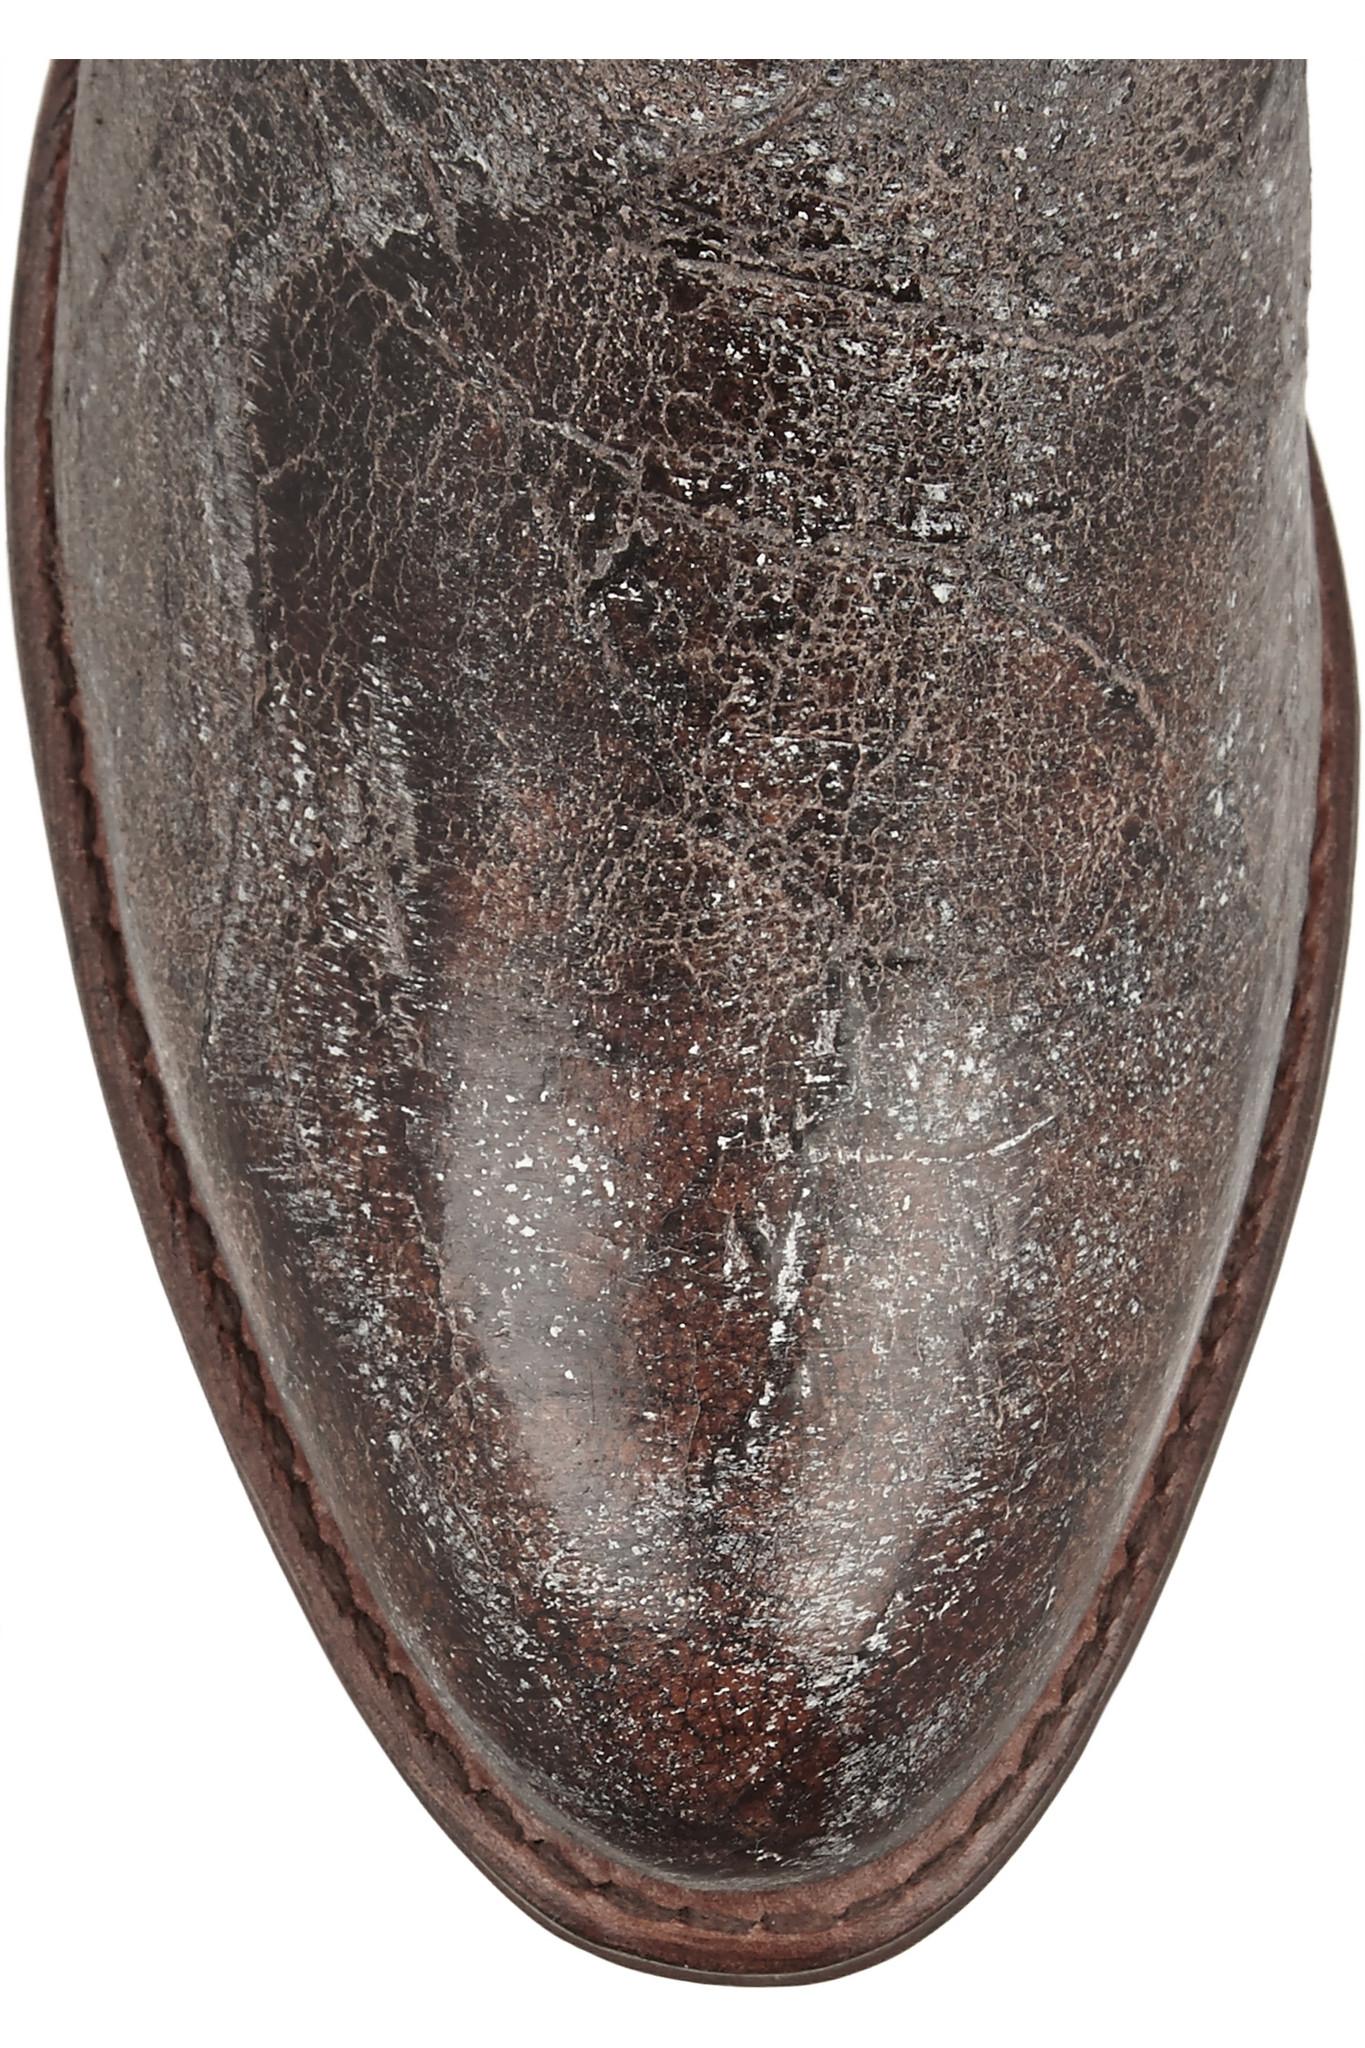 Frye Deborah Distressed Leather Boots in Dark Brown (Brown)